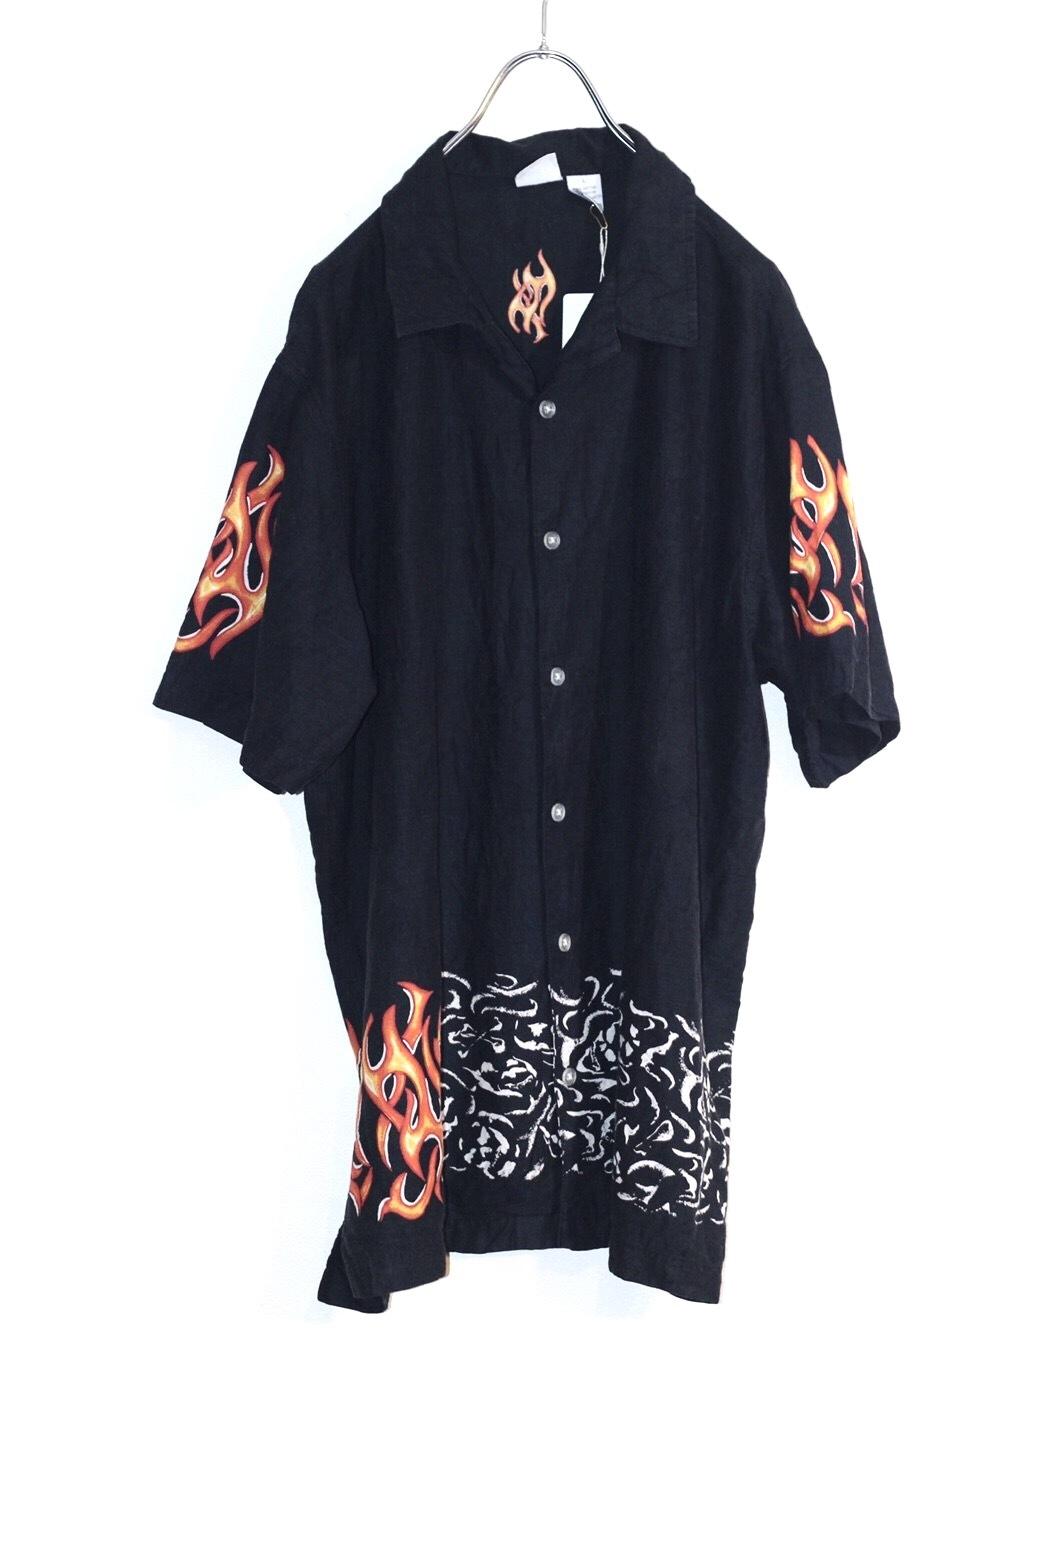 fire pattern shirt